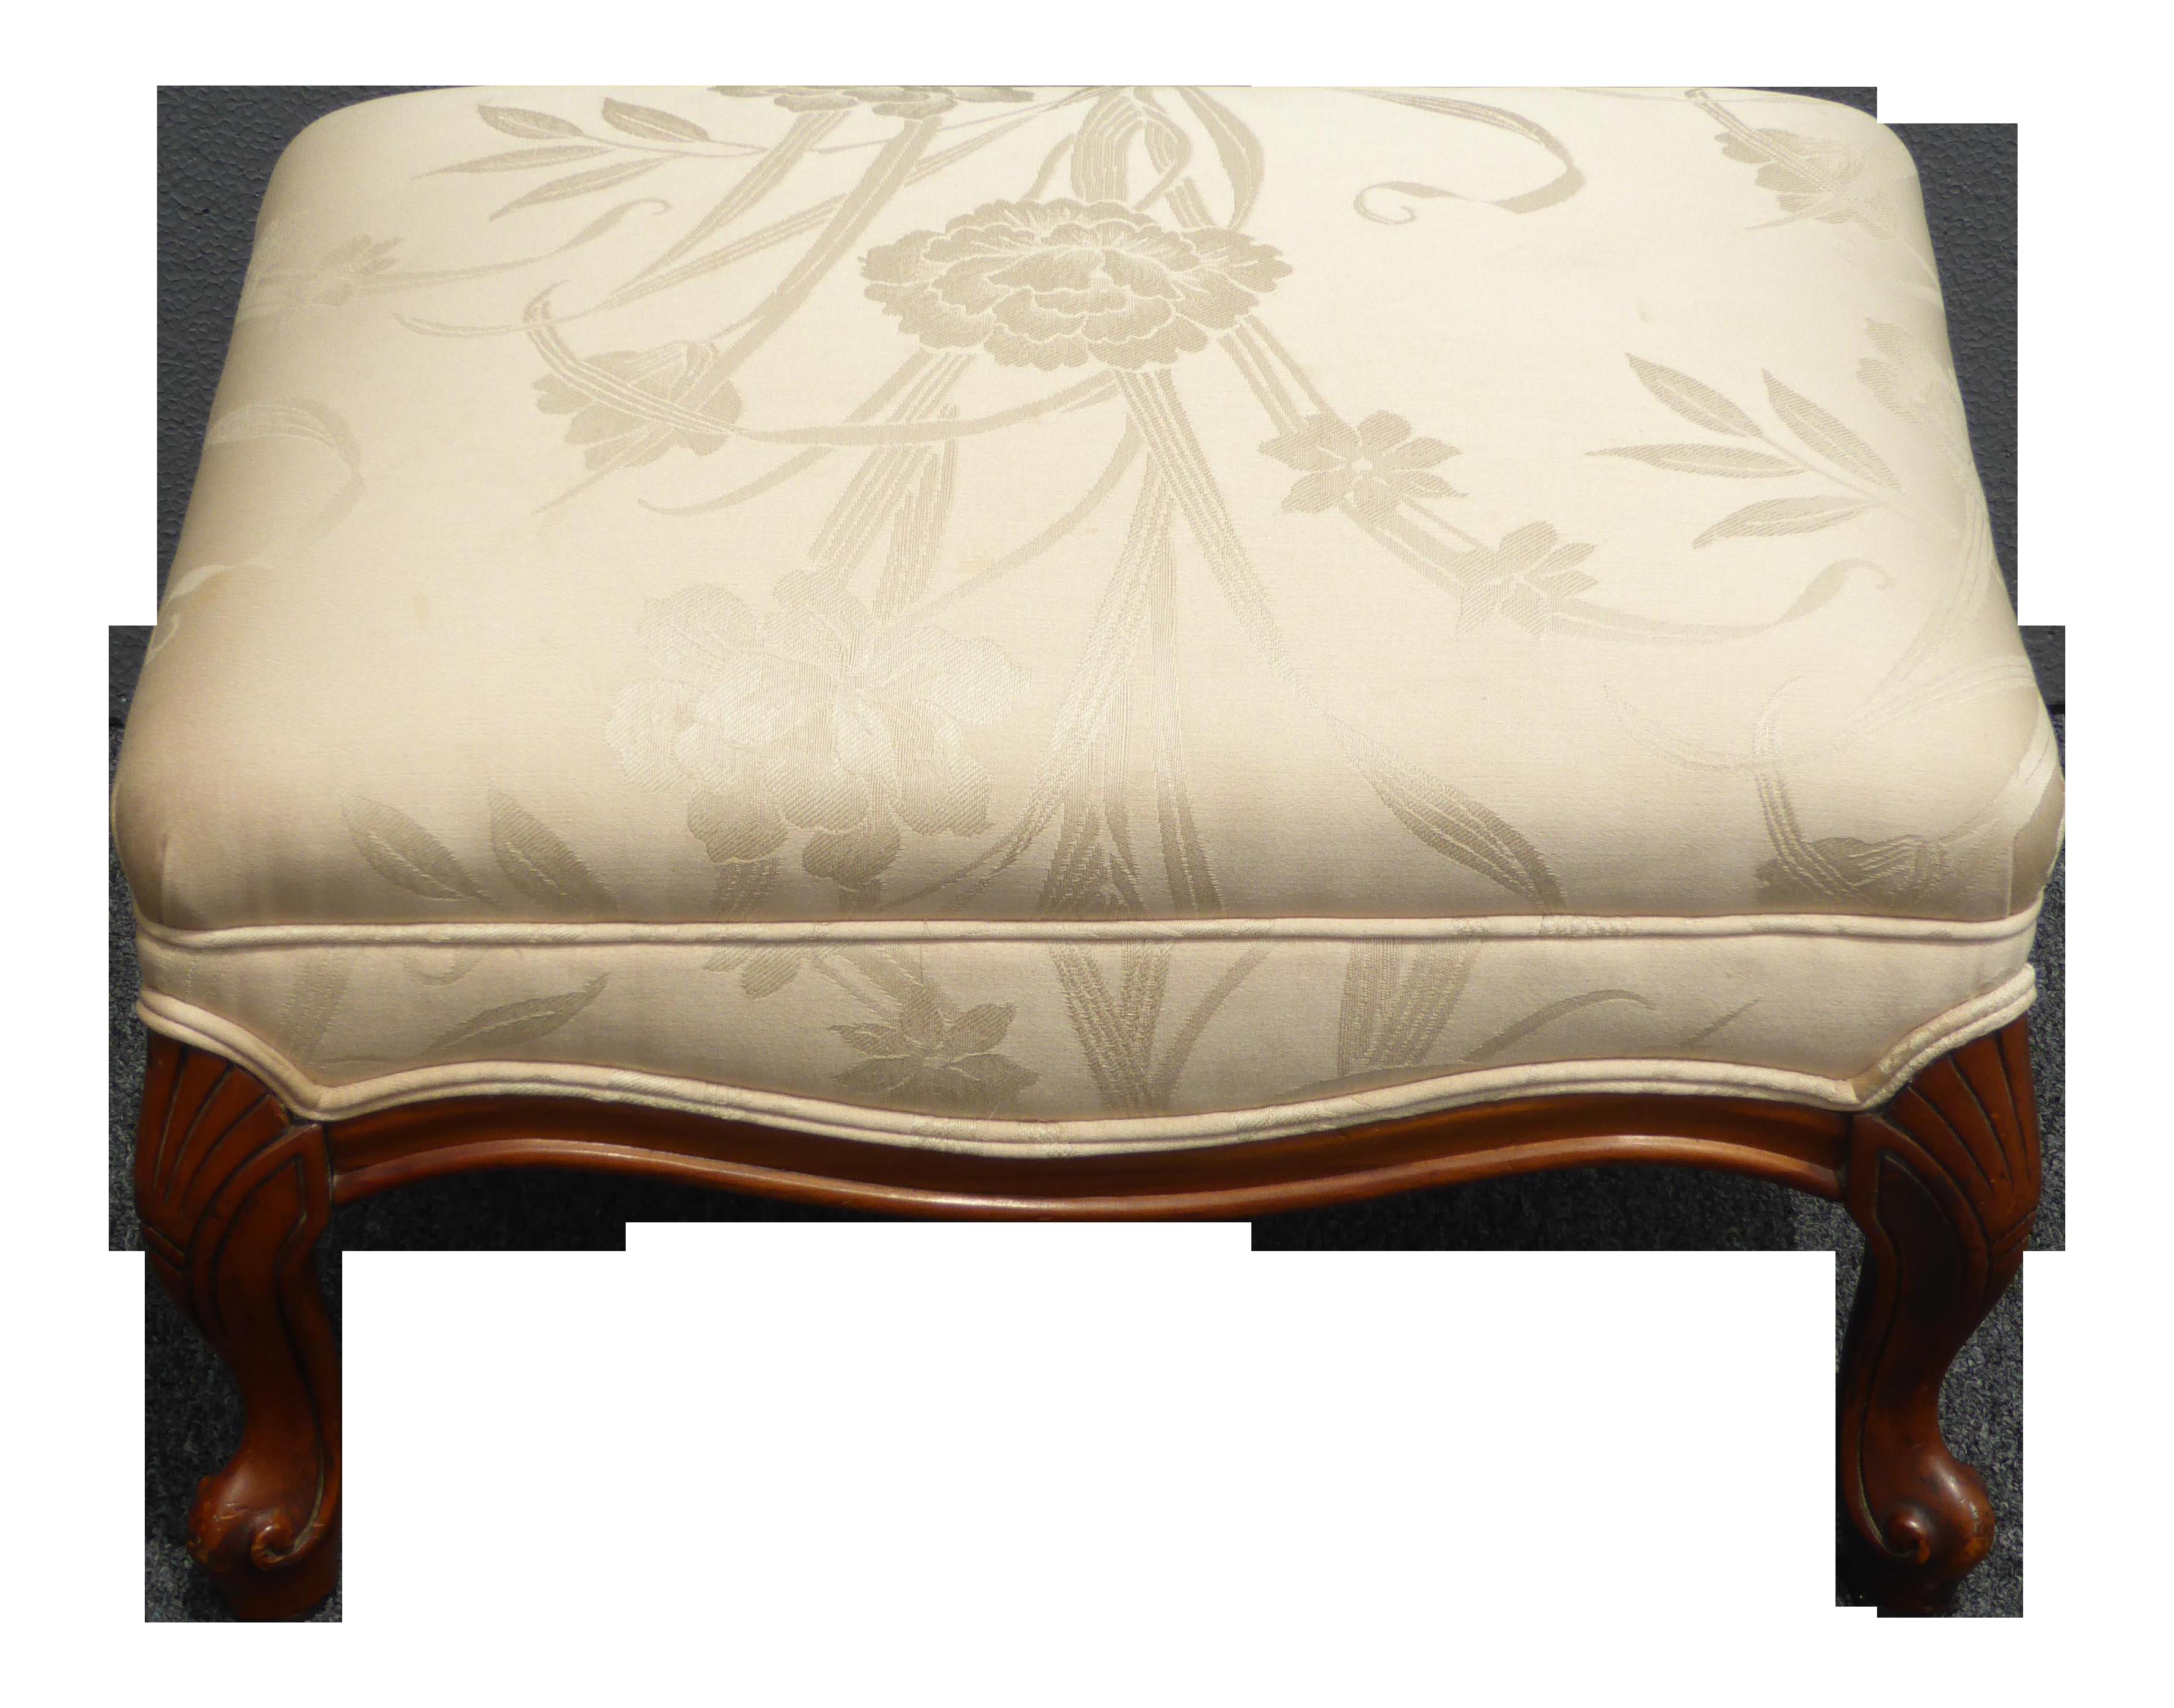 Vintage French Provincial Style Carved Beige Floral Design